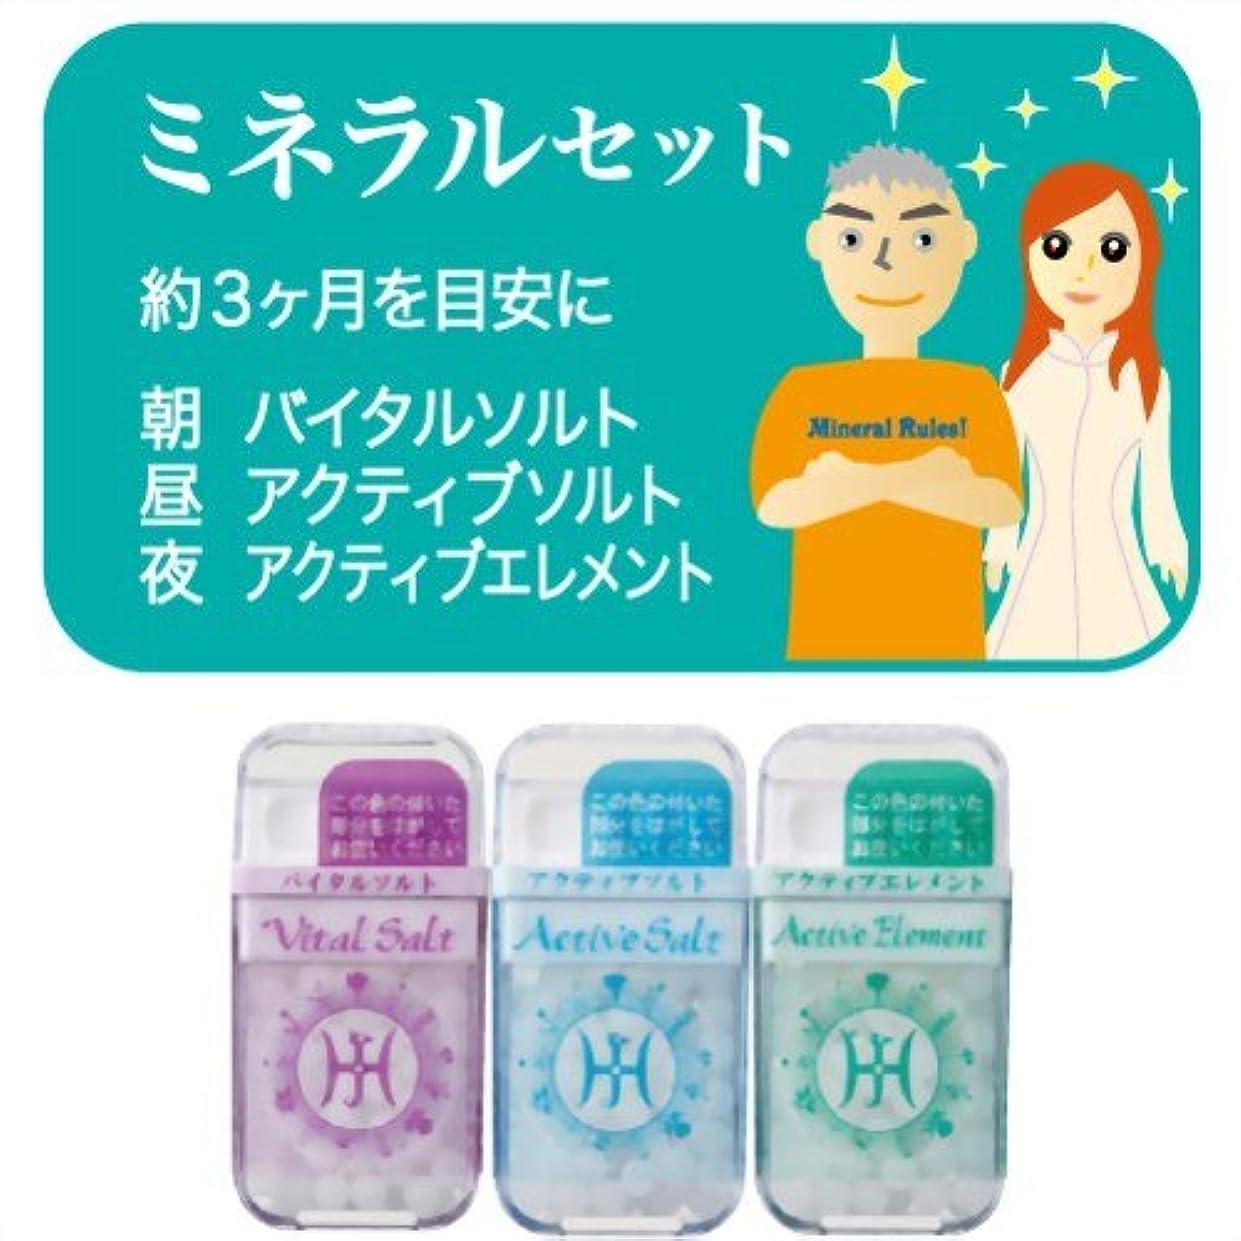 のぞき穴債務者トンホメオパシージャパンレメディー ミネラルセット